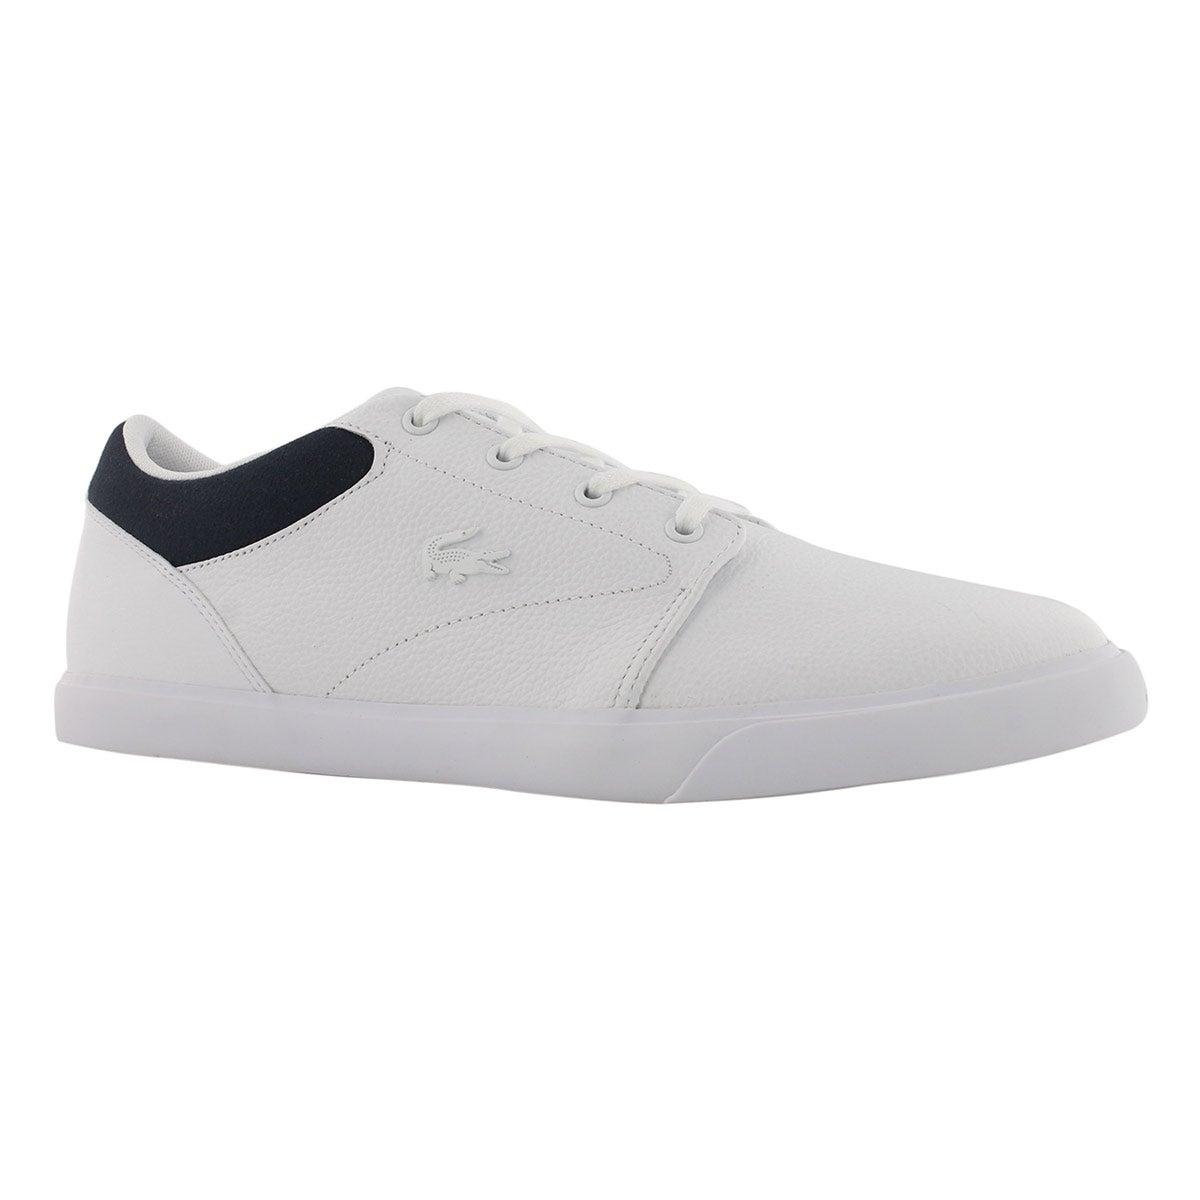 Men's MINZAH 318 white/navy fashion sneaker